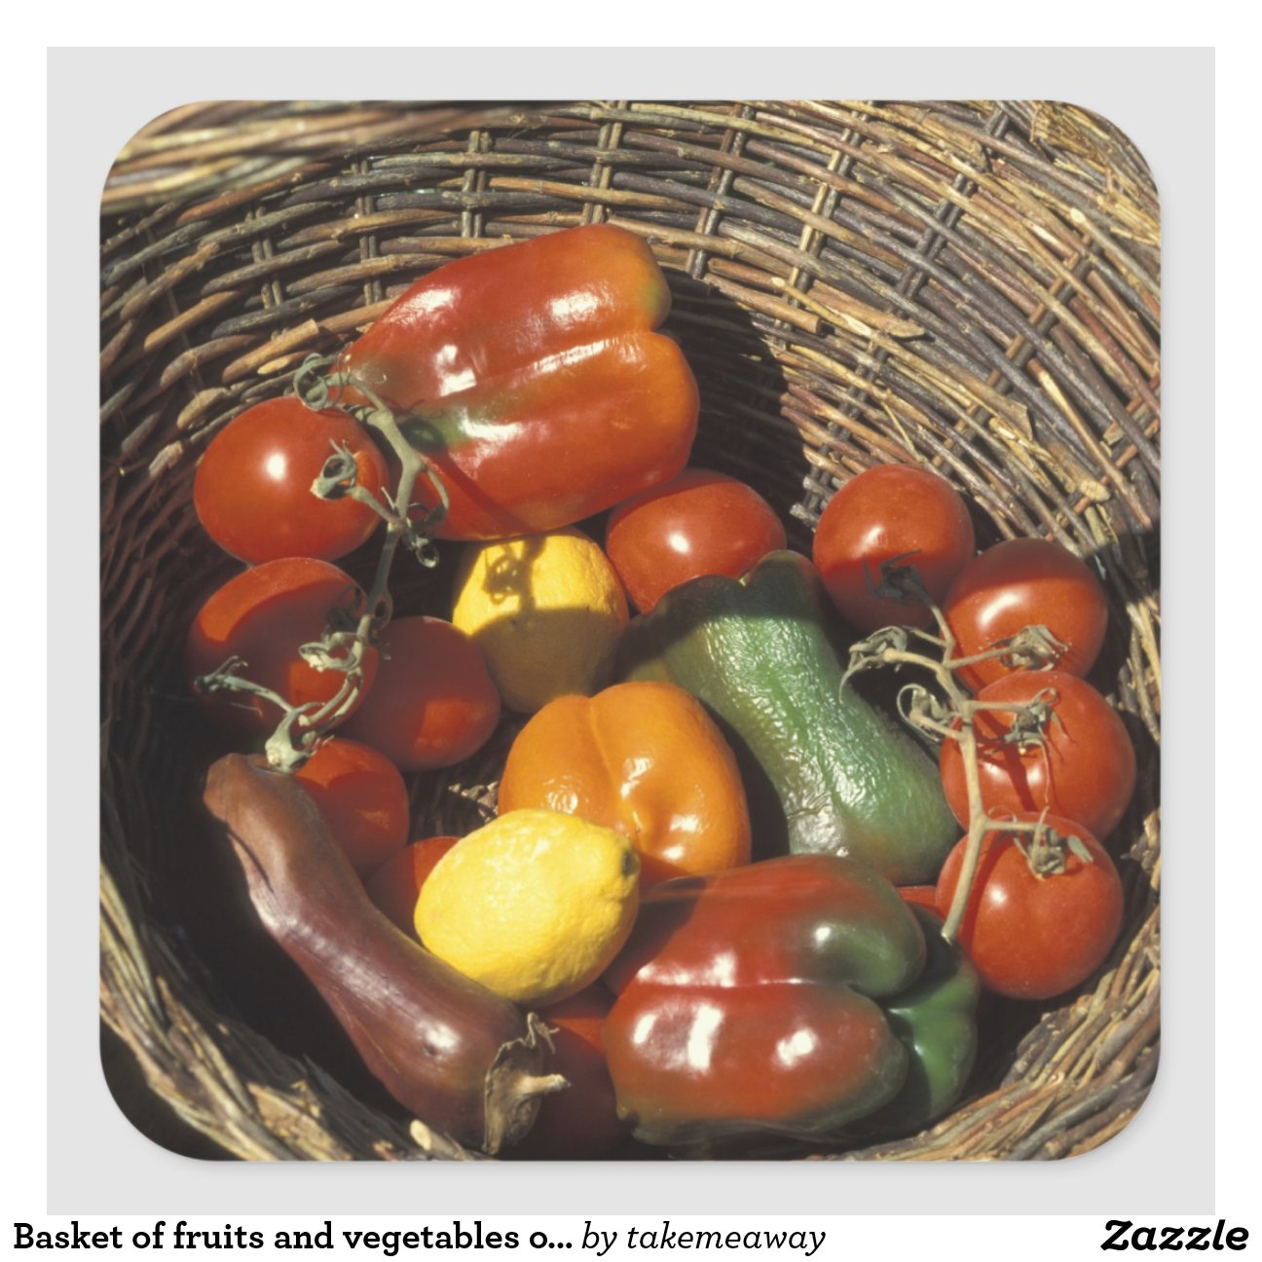 Panier des fruits et l gumes sur l 39 endroit sticker carr zazzle - Fruits et legumes de a a z ...